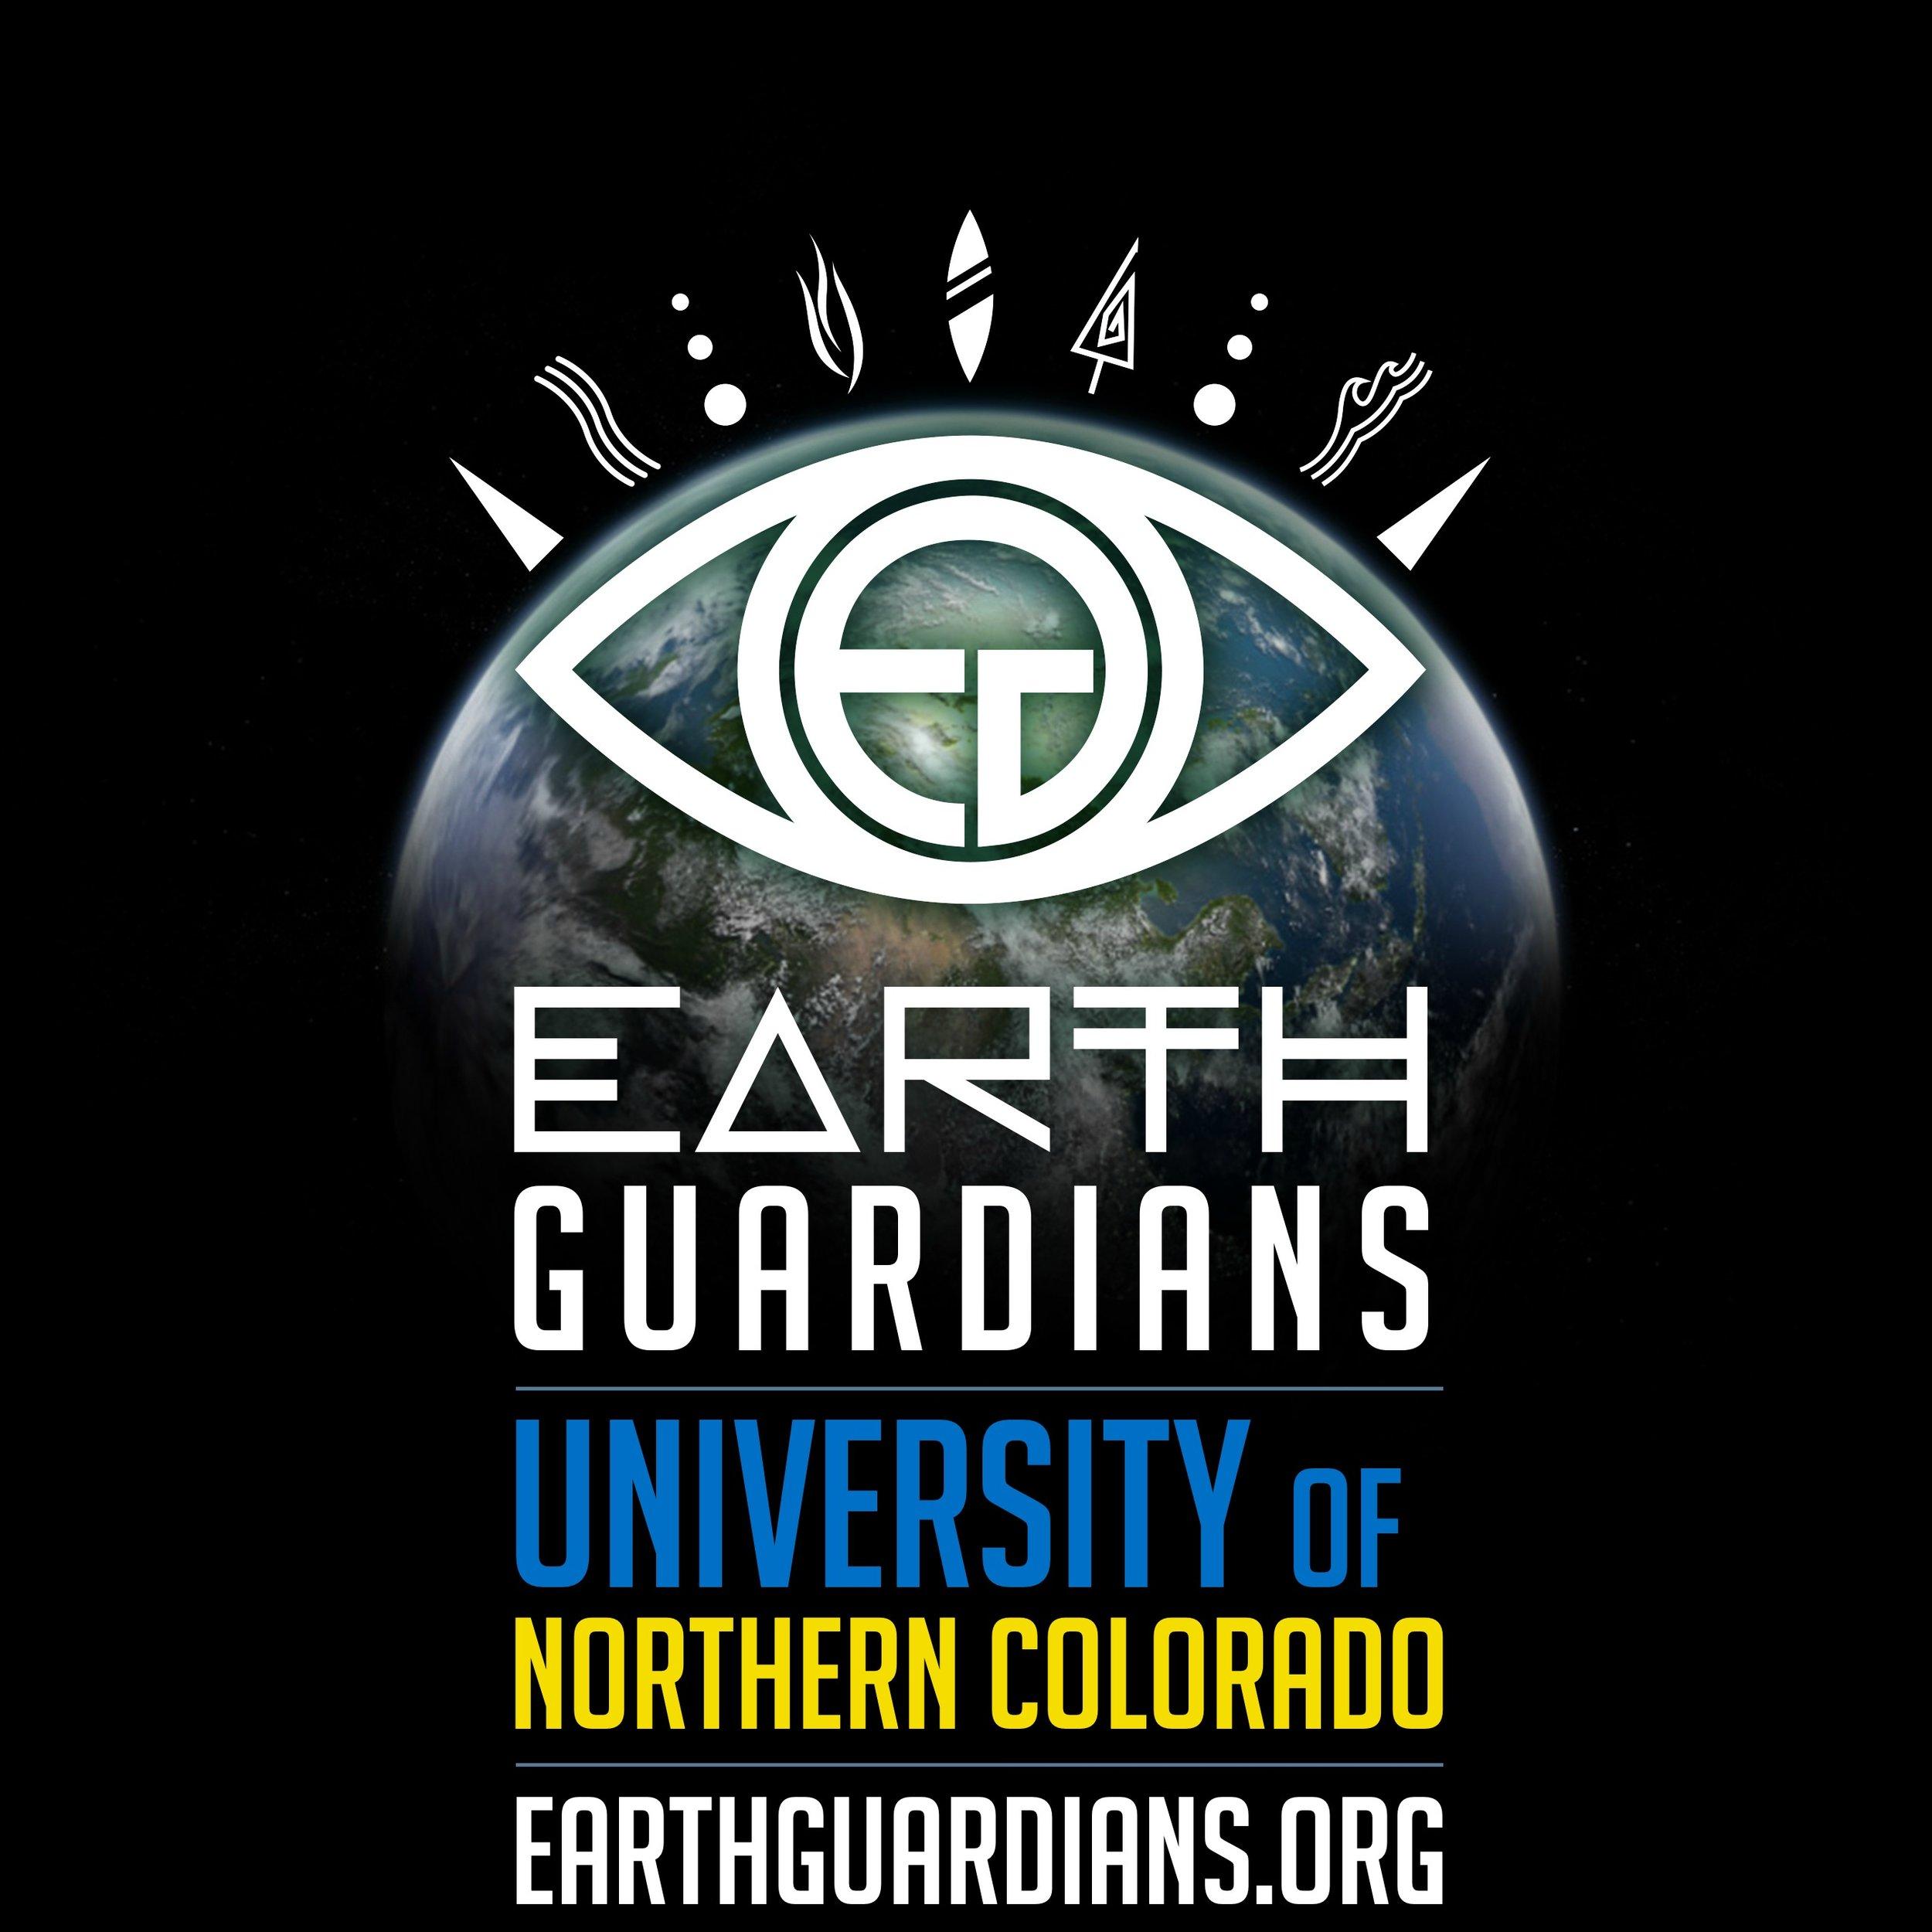 EG_crew logo UNC.jpg